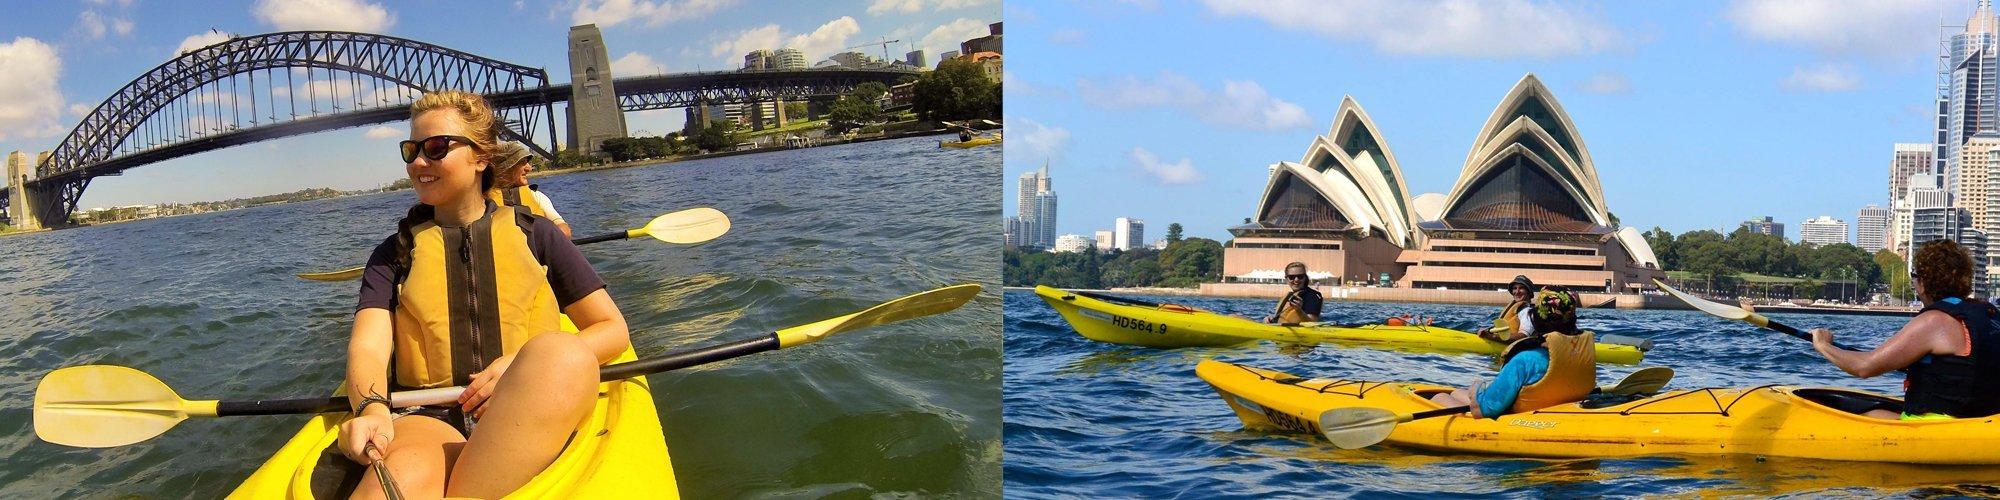 Under the Sydney Harbour Bridge Kayak Tour